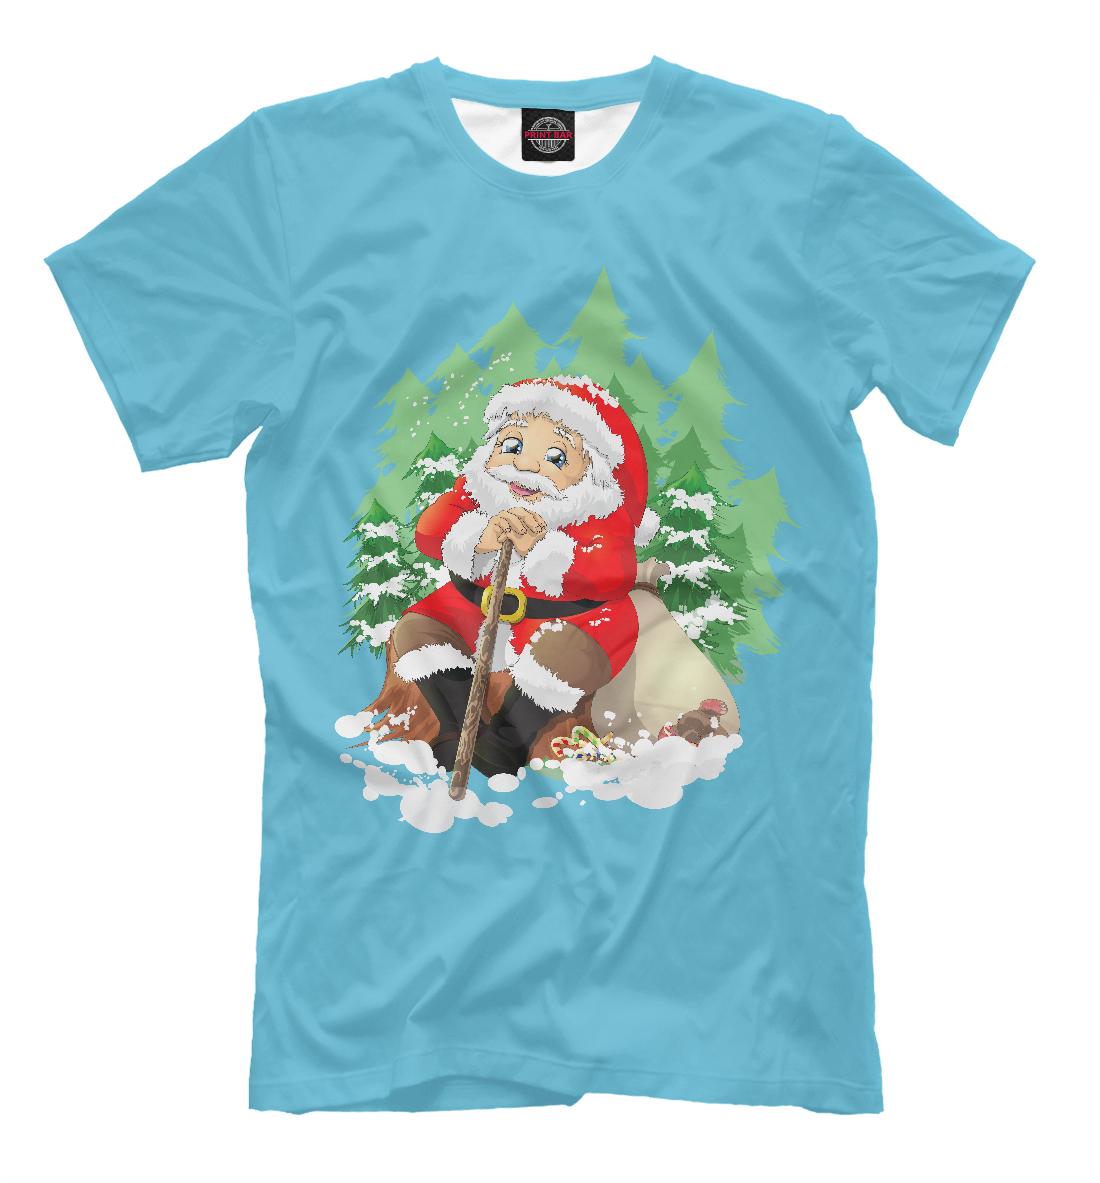 Купить Дед Мороз, Printbar, Футболки, DMZ-313847-fut-2